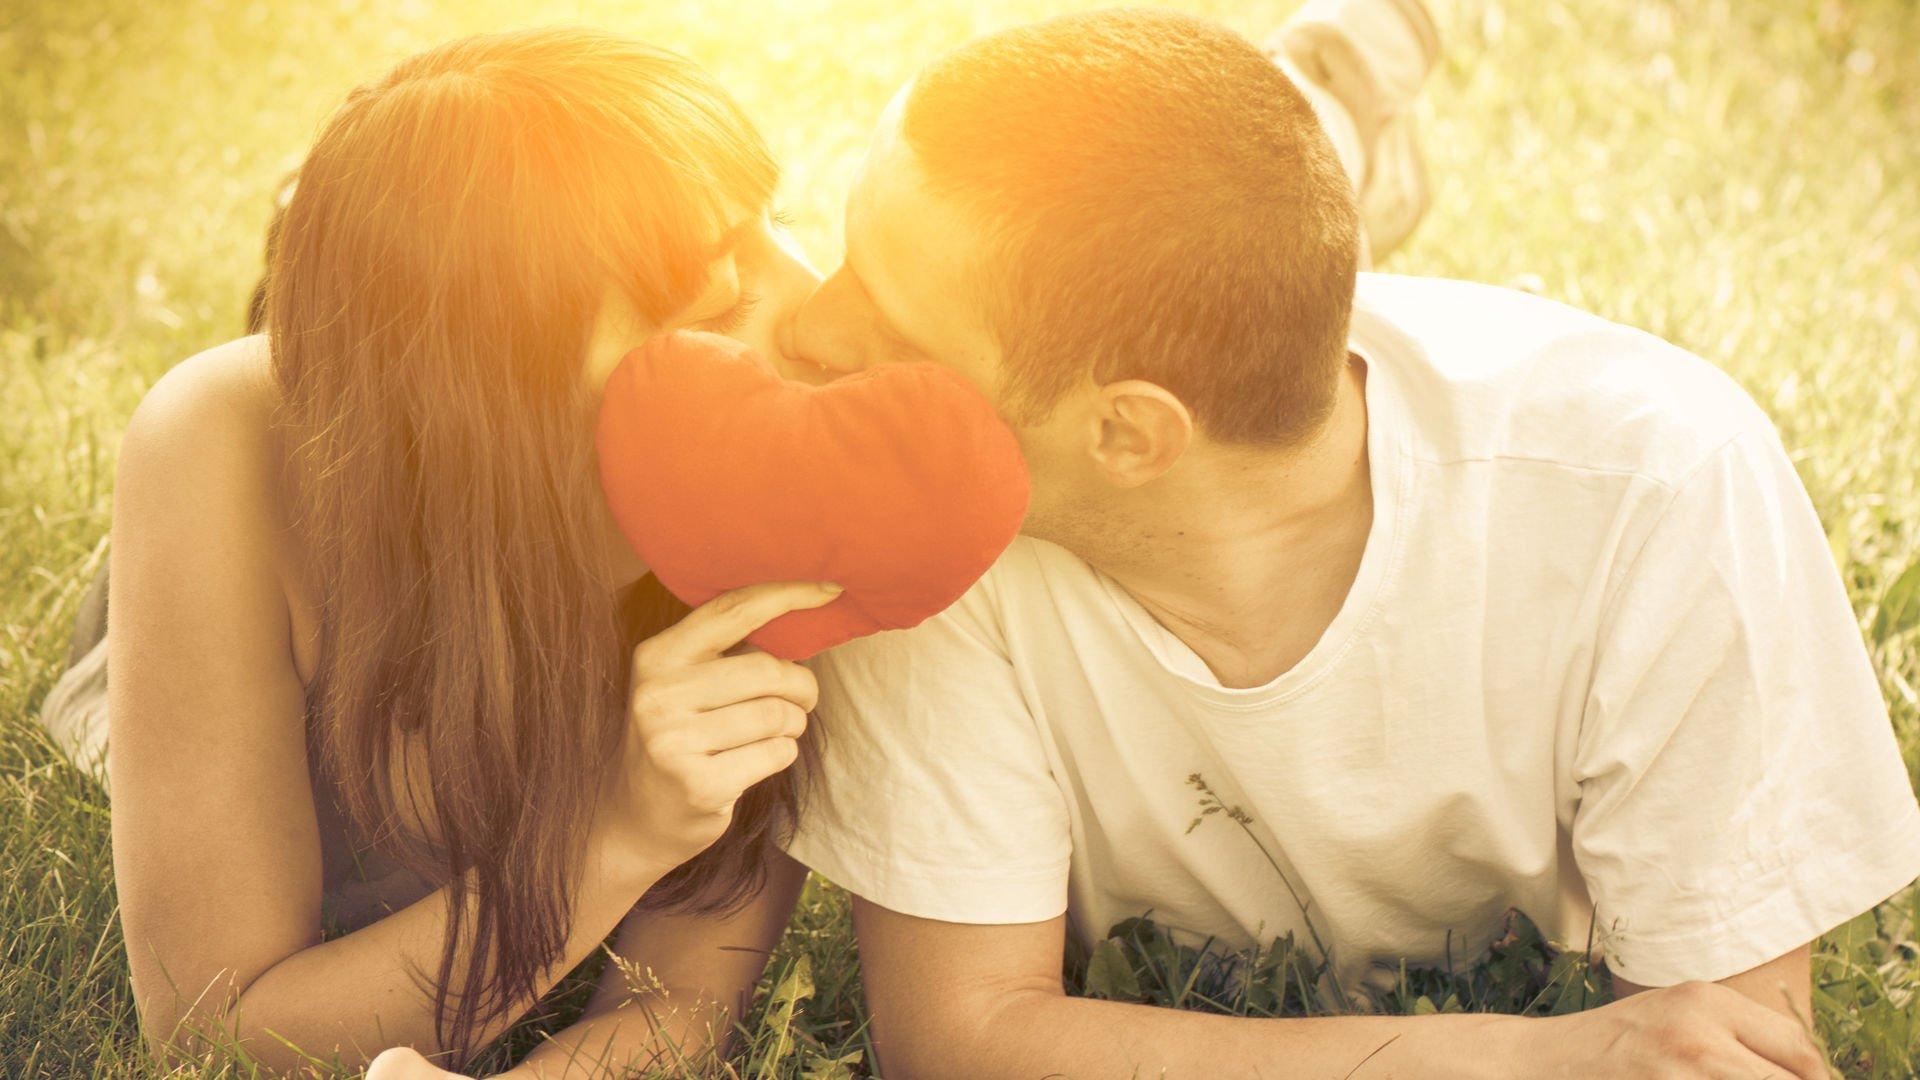 Takıntılı aşklarda ve unutulamayan geçmiş ilişkilerde